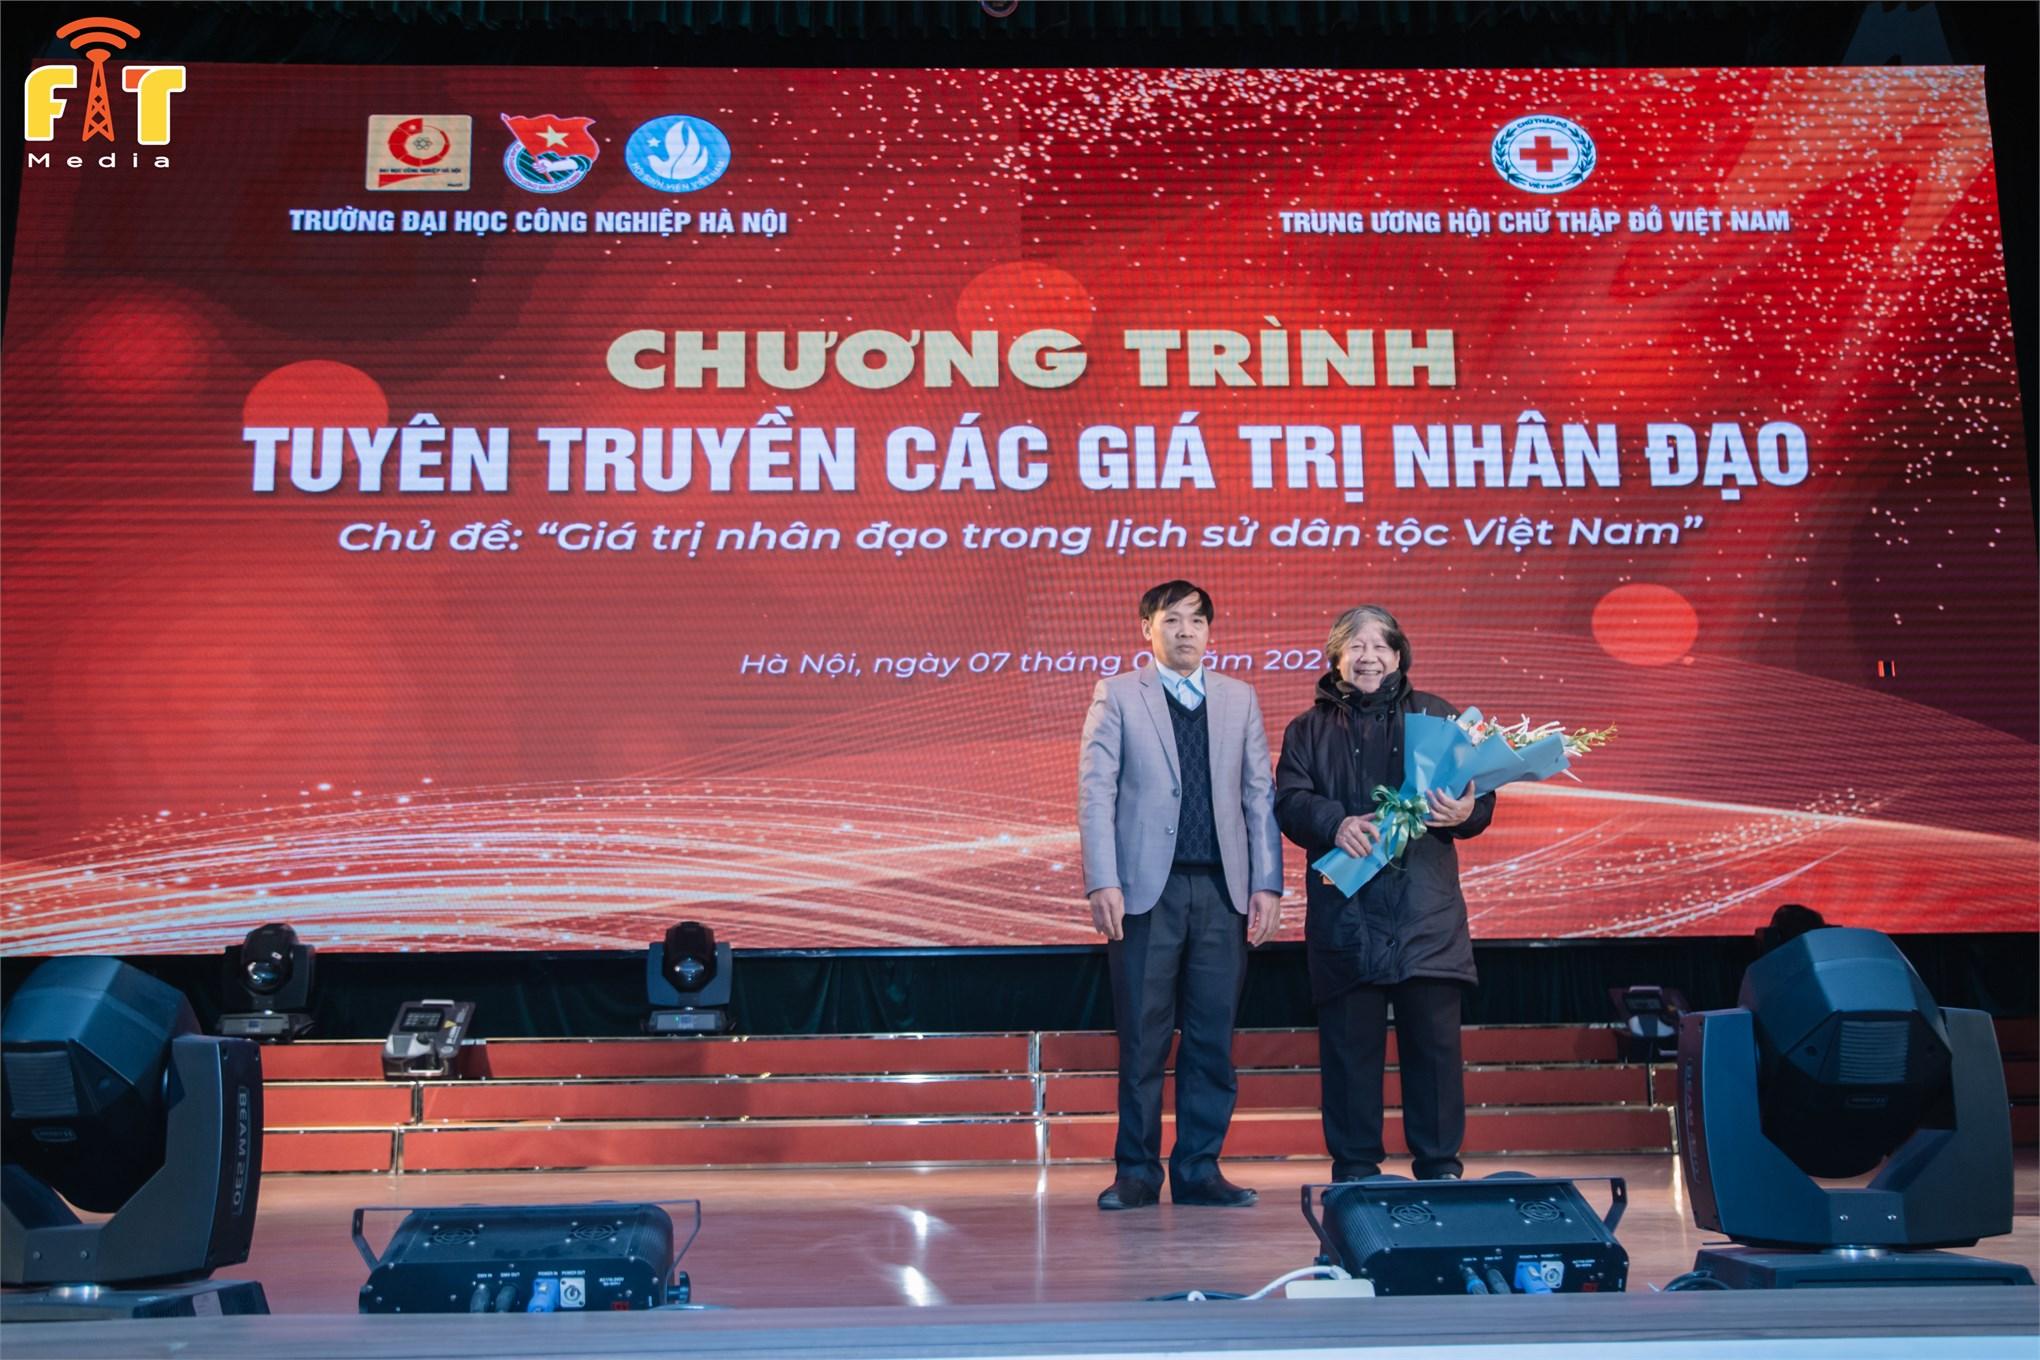 """Tọa đàm """"Giá trị nhân đạo trong lịch sử dân tộc Việt Nam"""""""